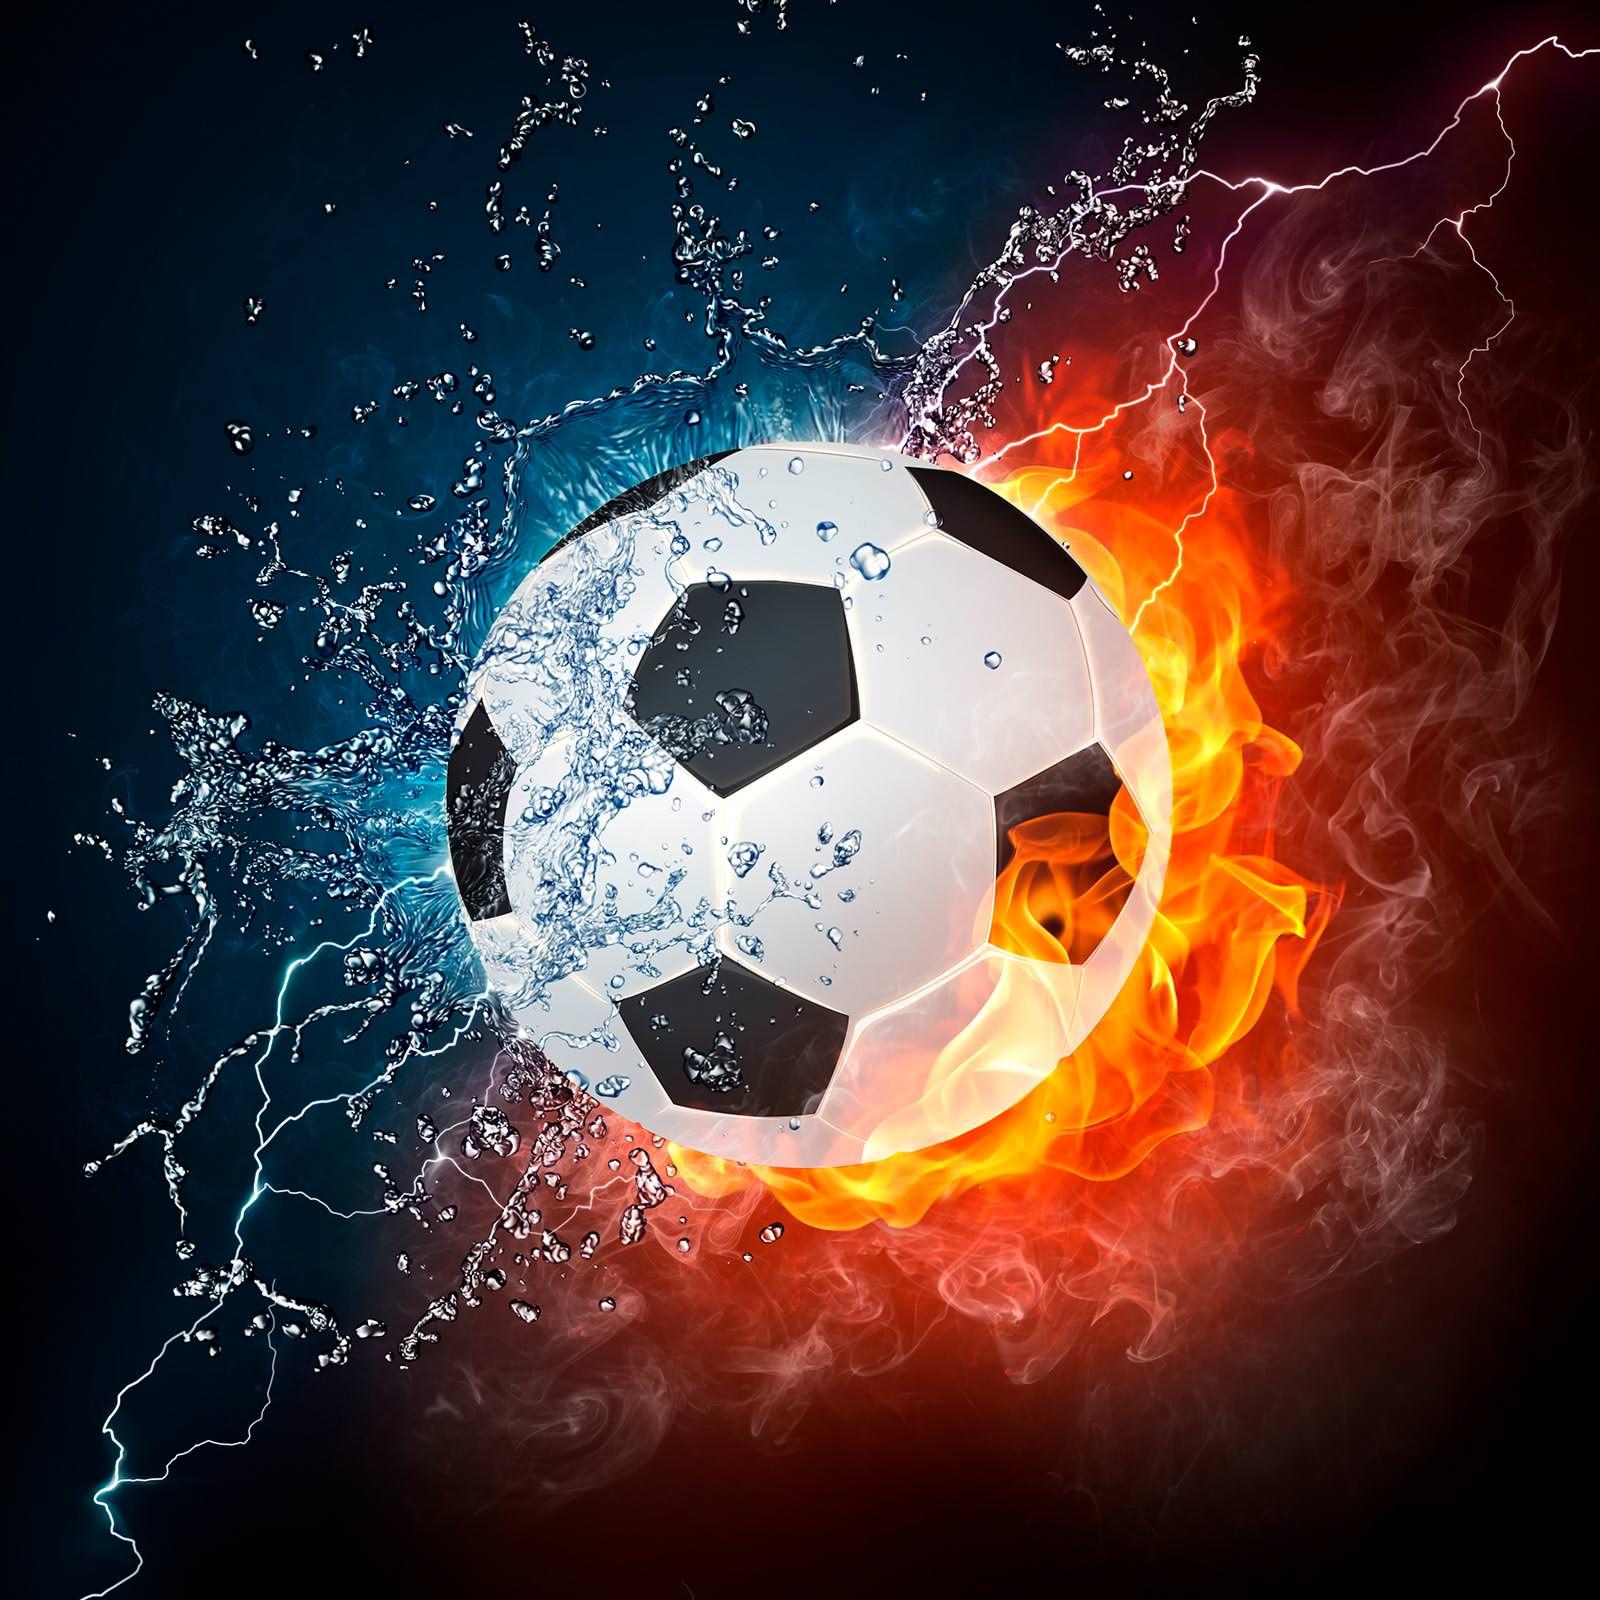 Огненный мяч  № 3151076 без смс